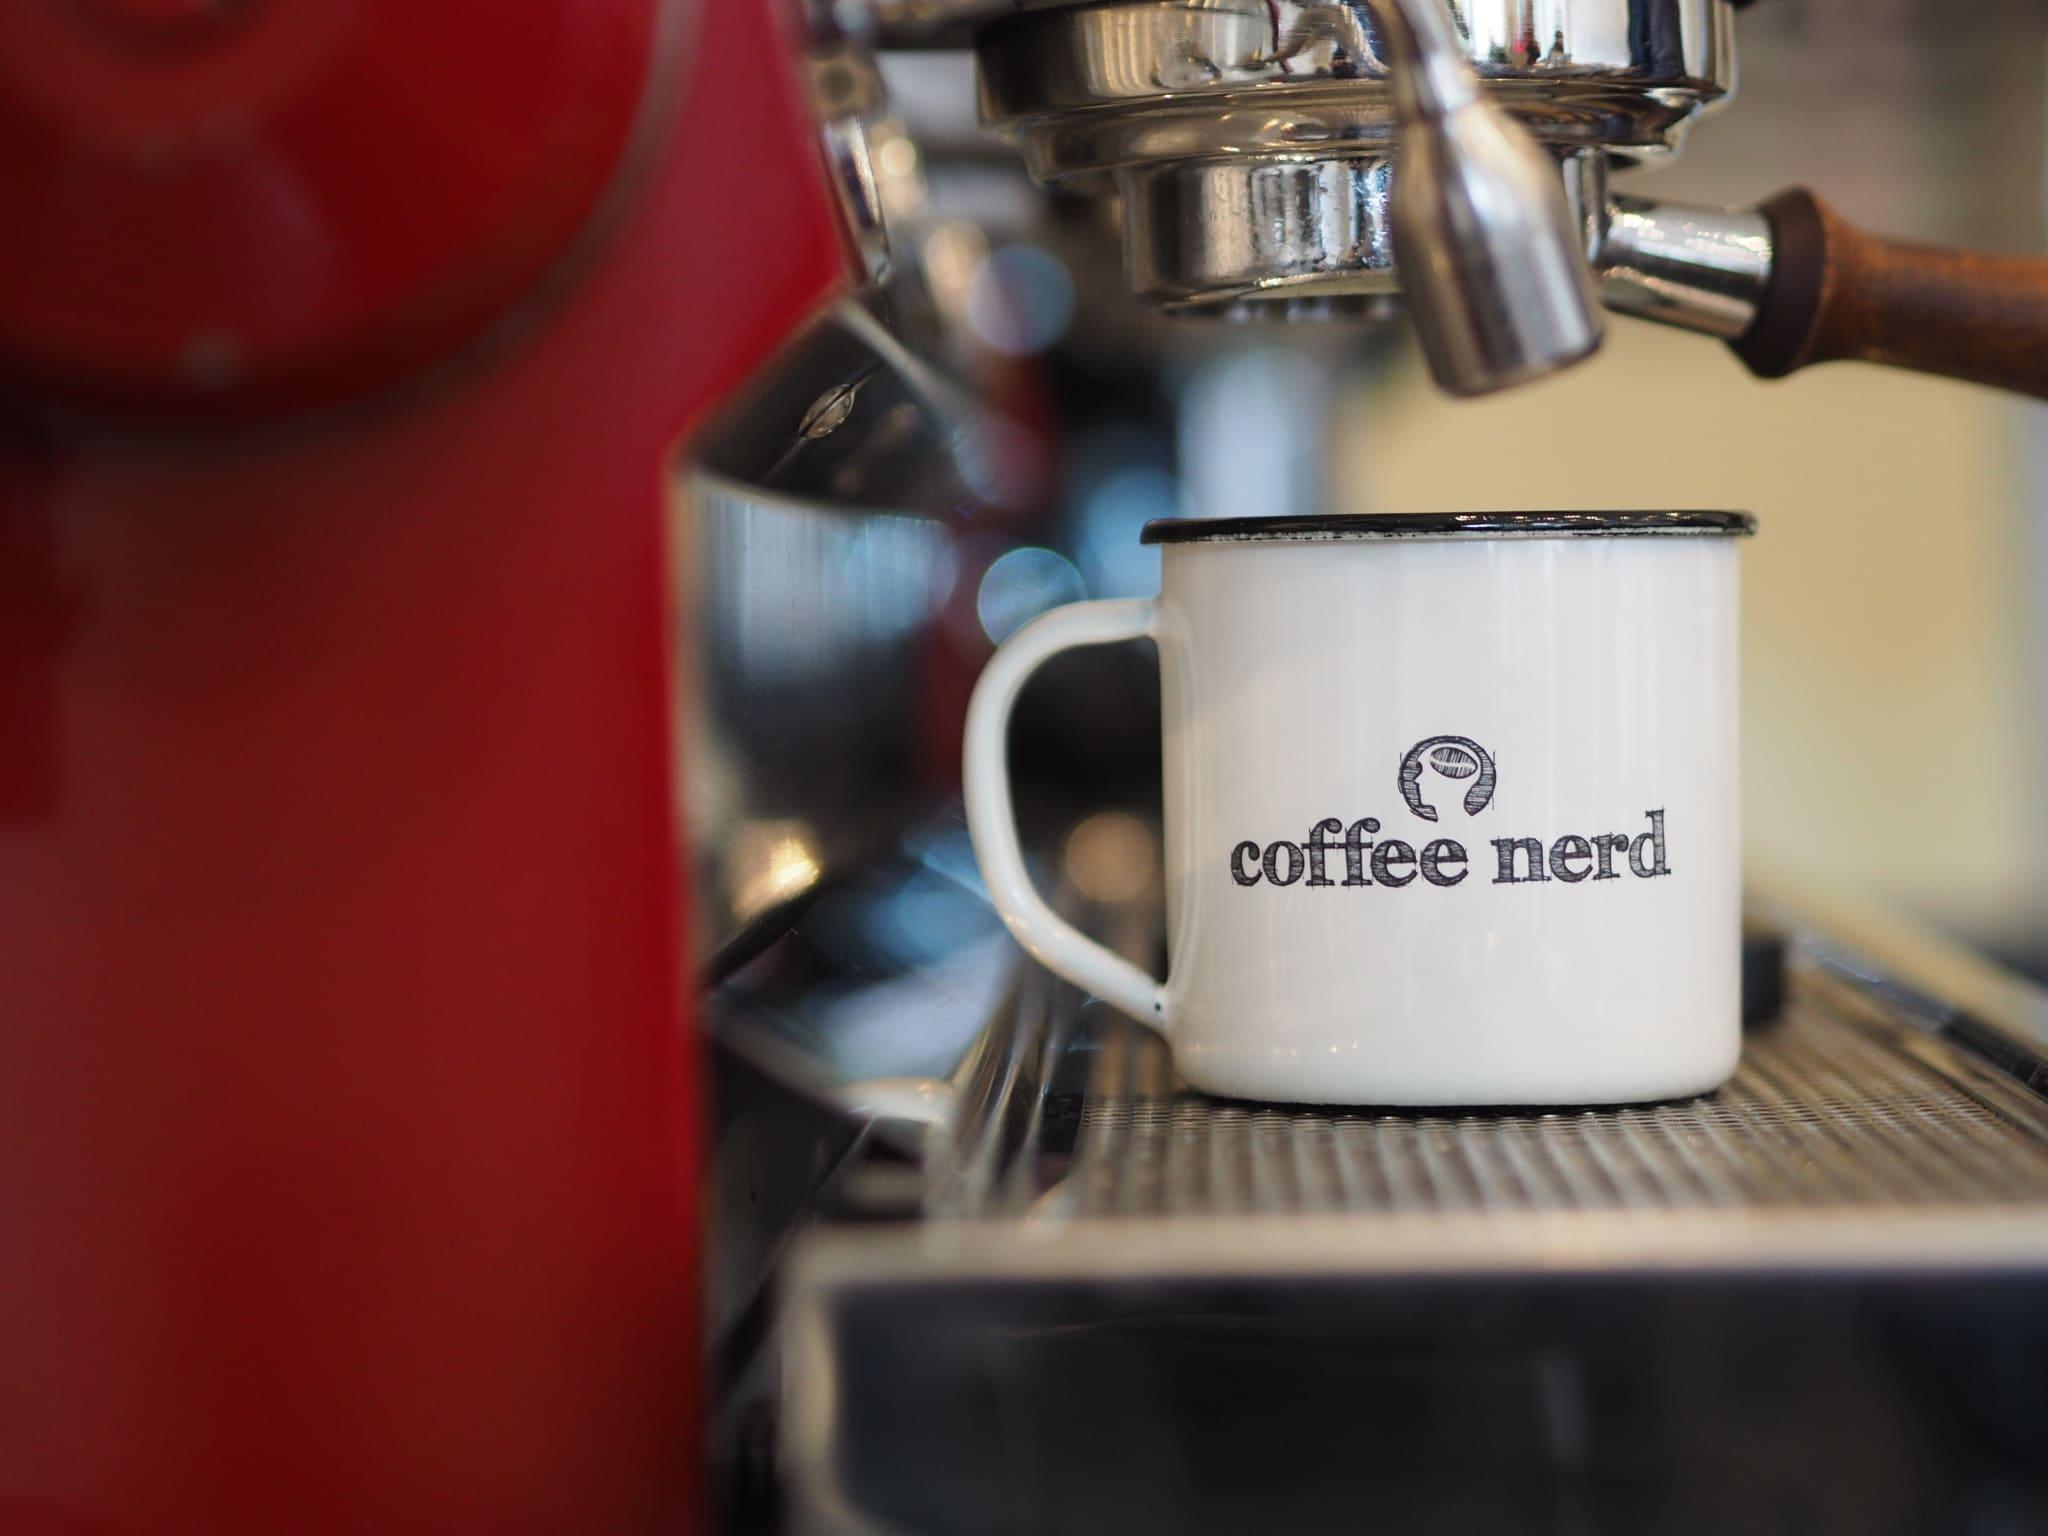 Auf einen Espresso beim Coffee Nerd